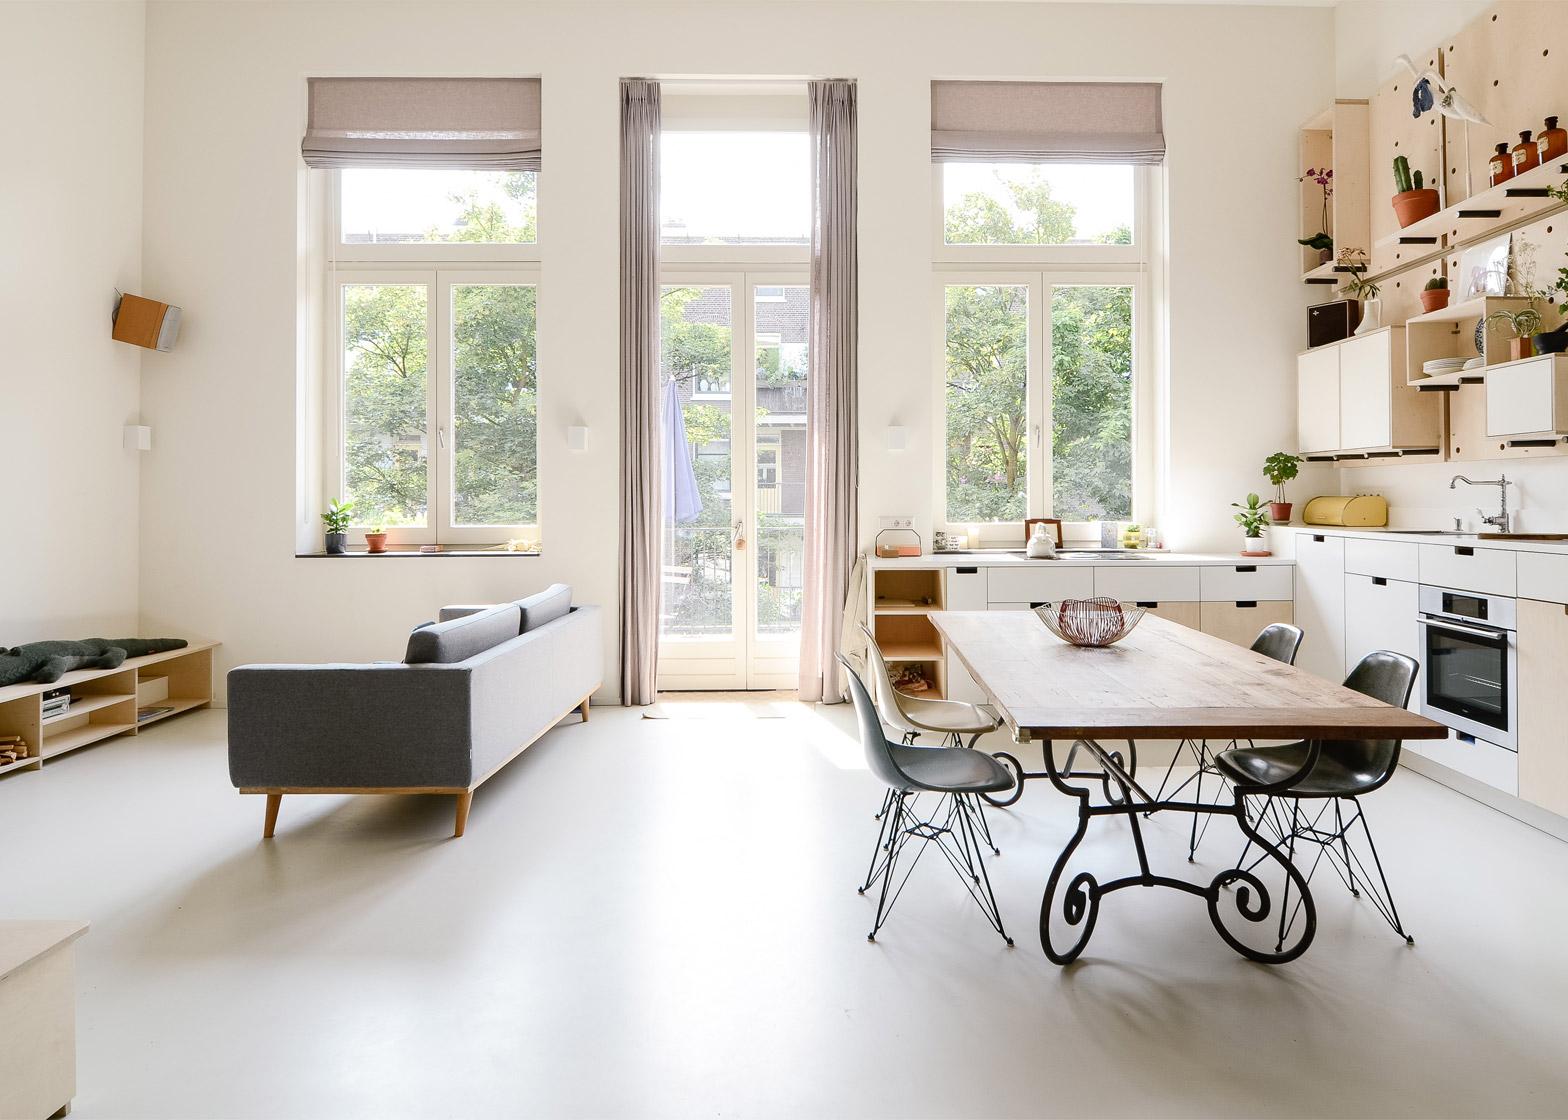 Scuola per insegnanti trasformata in appartamento loft ad Amsterdam ...